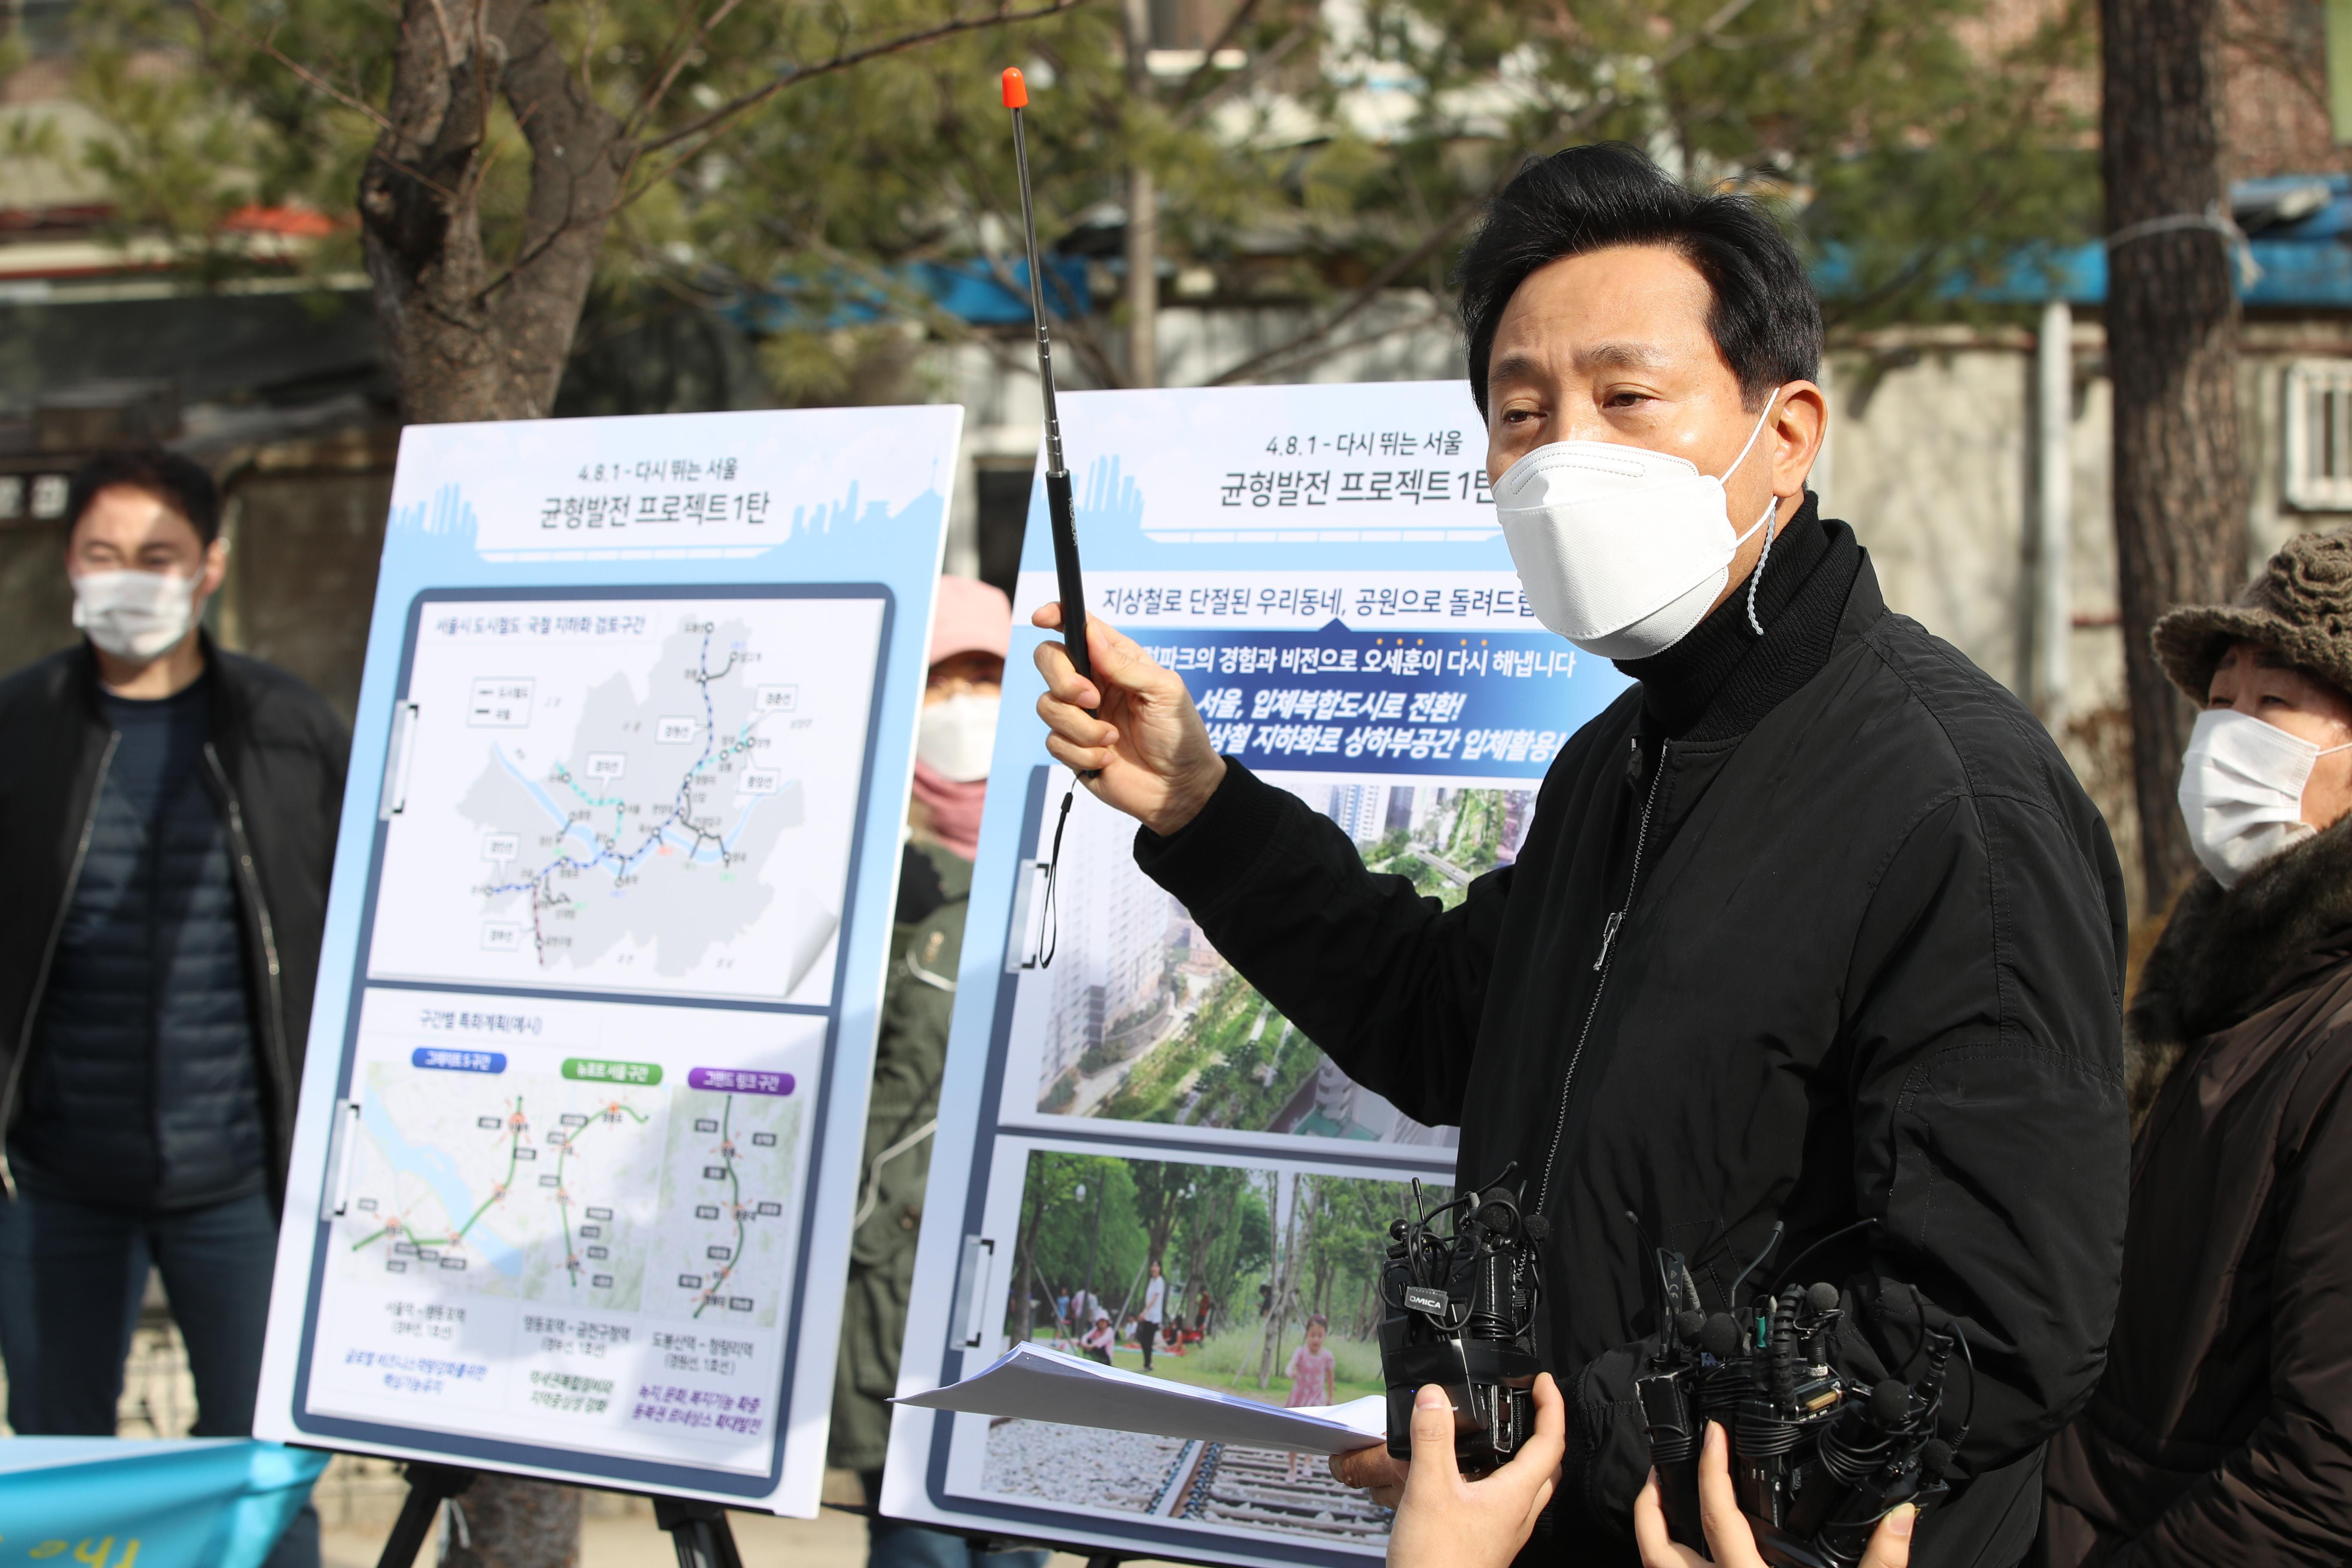 '4.7 재 보궐 선거' 오세훈 전 시장 '연트럴파크 발전을 위해'